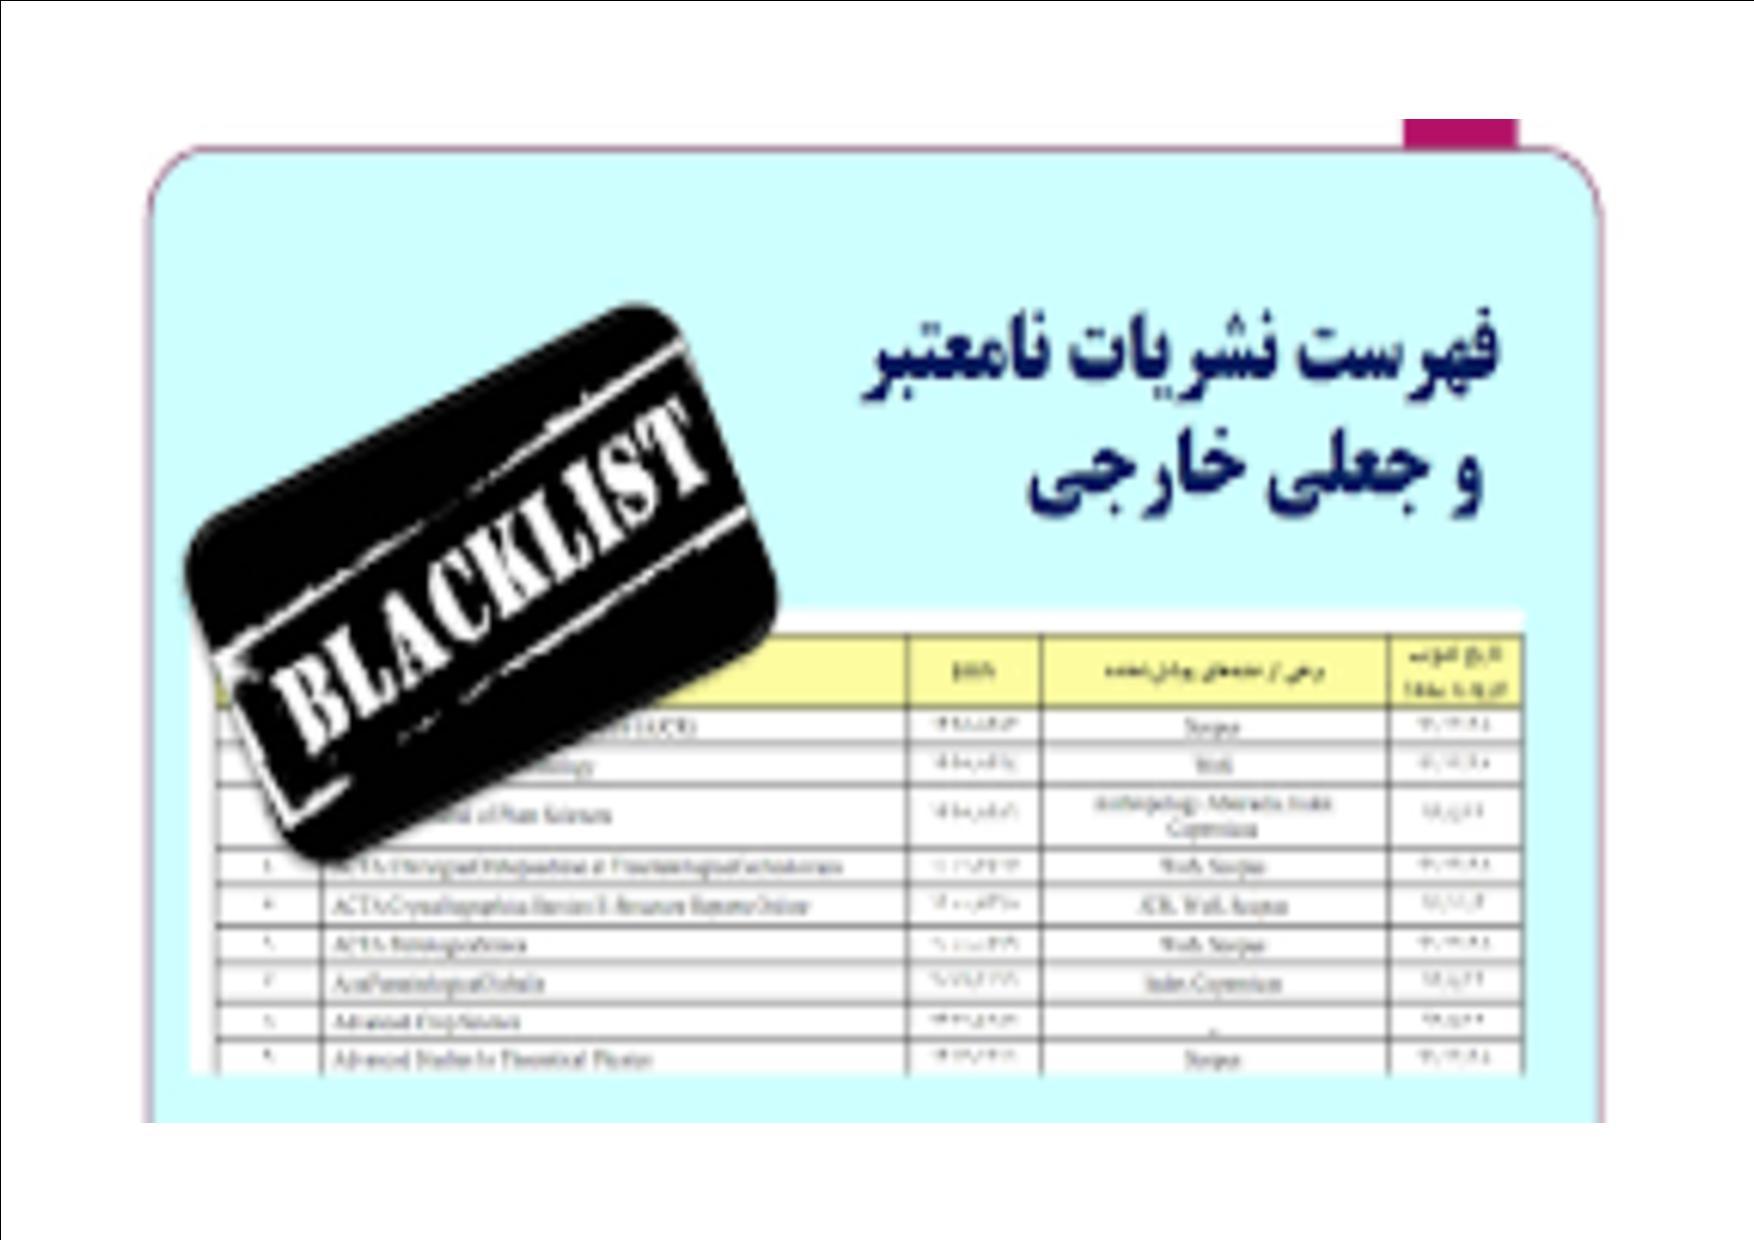 فهرست نشريات جعلي و نامعتبر